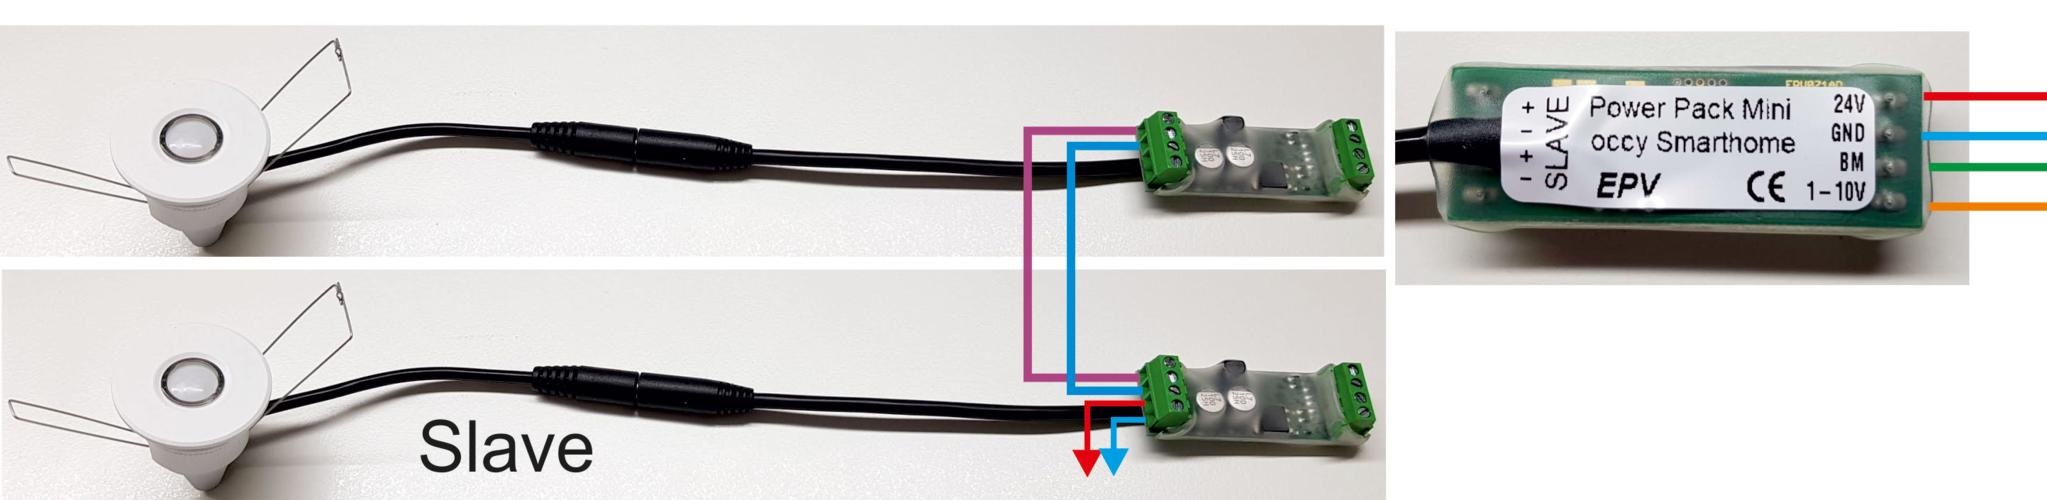 occy elektrischer Anschluss an Smarthome Anlage und Flächenerweiterung mit Slave